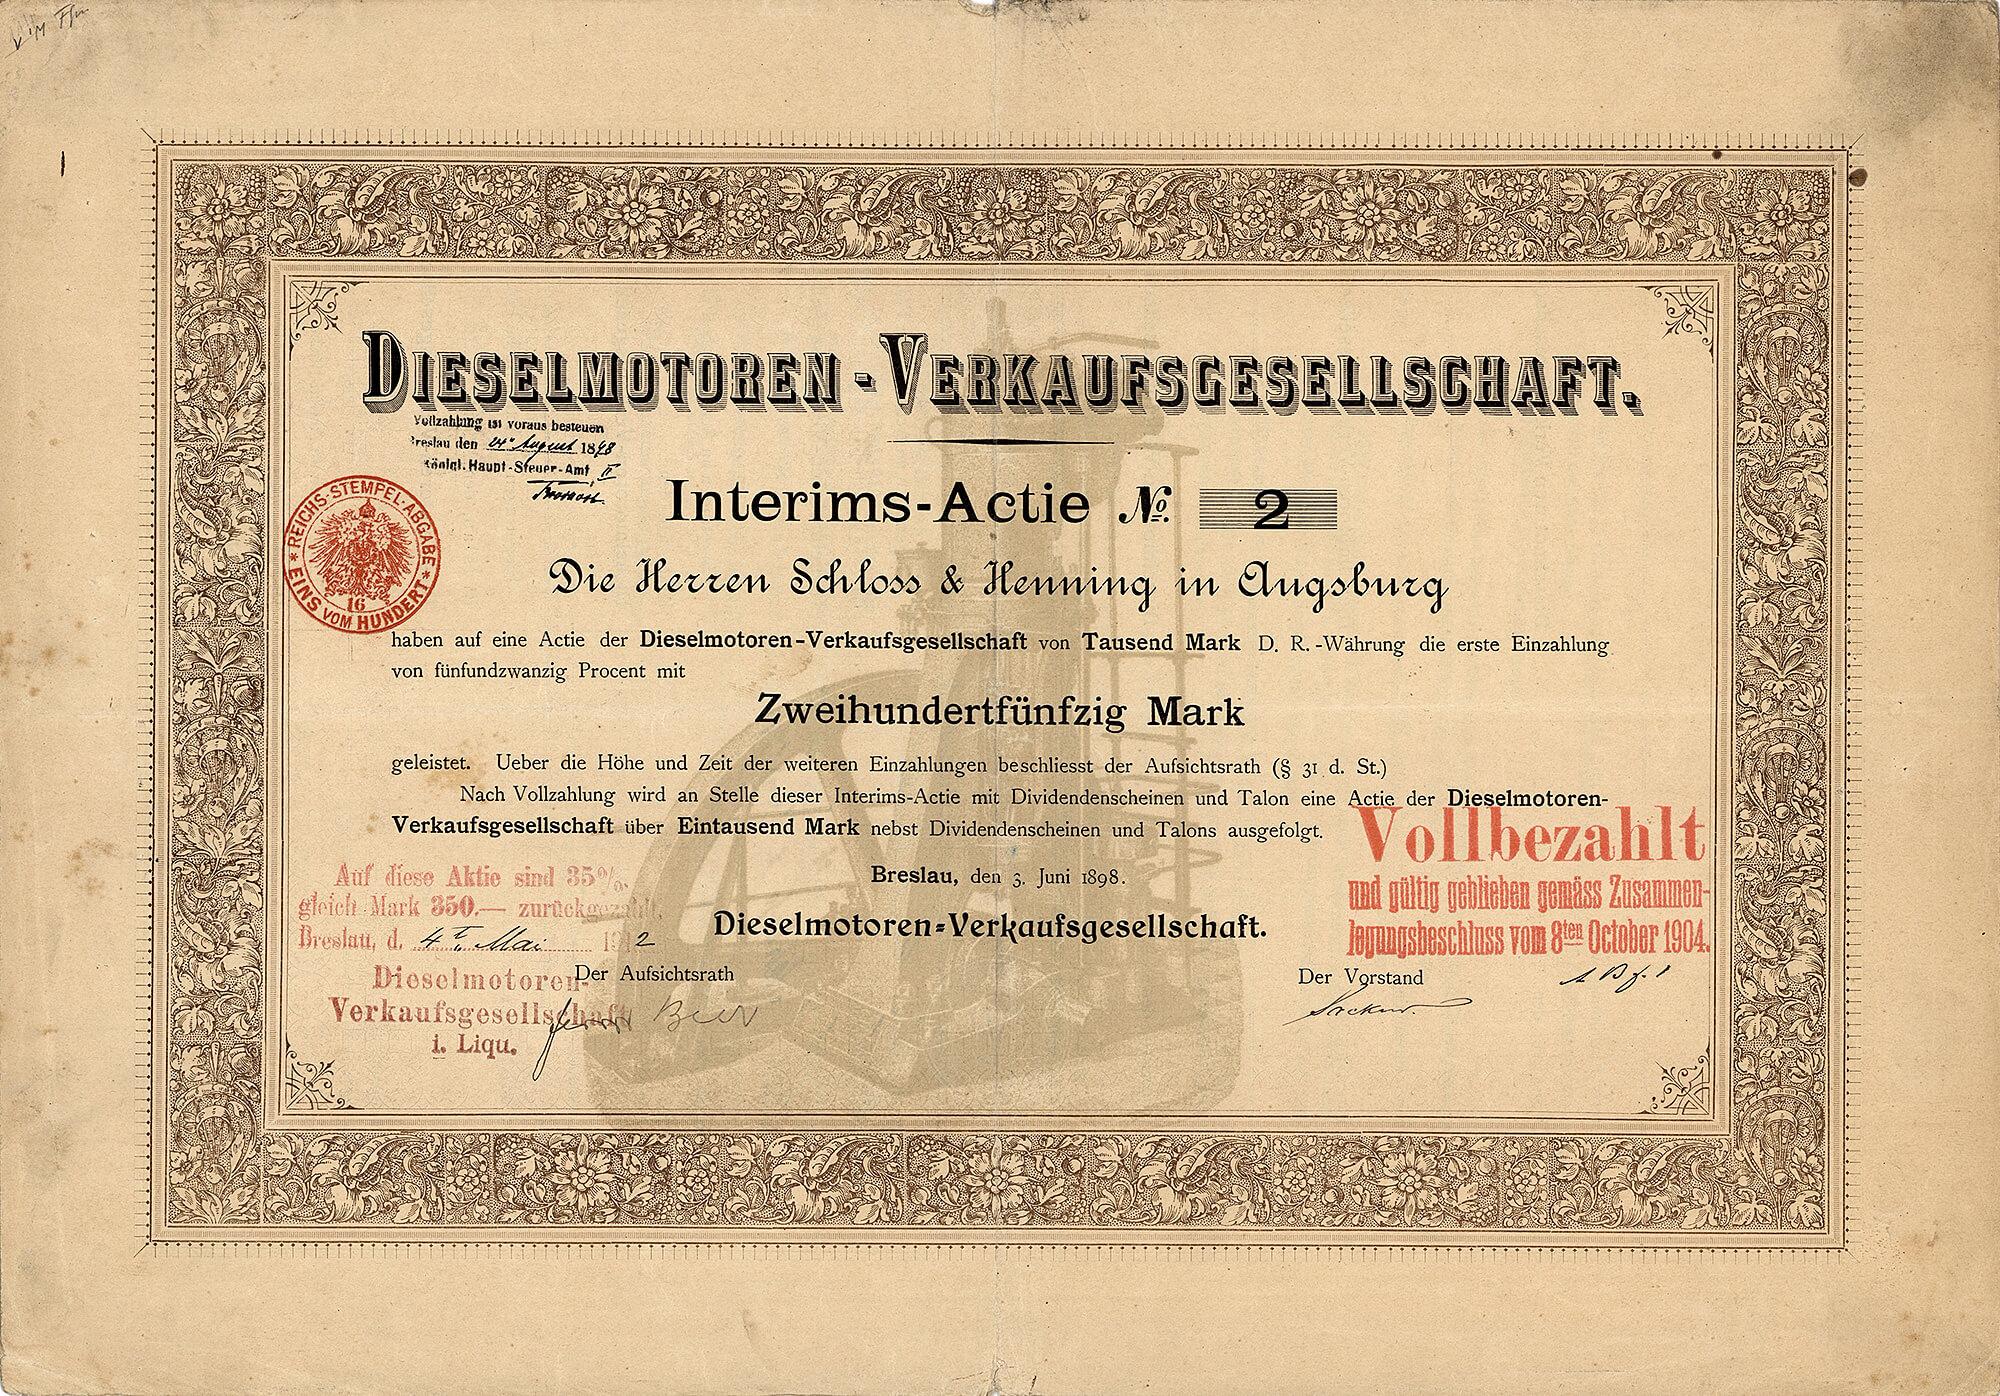 Dieselmotoren Verkaufsgesellschaft Breslau Interims Actie